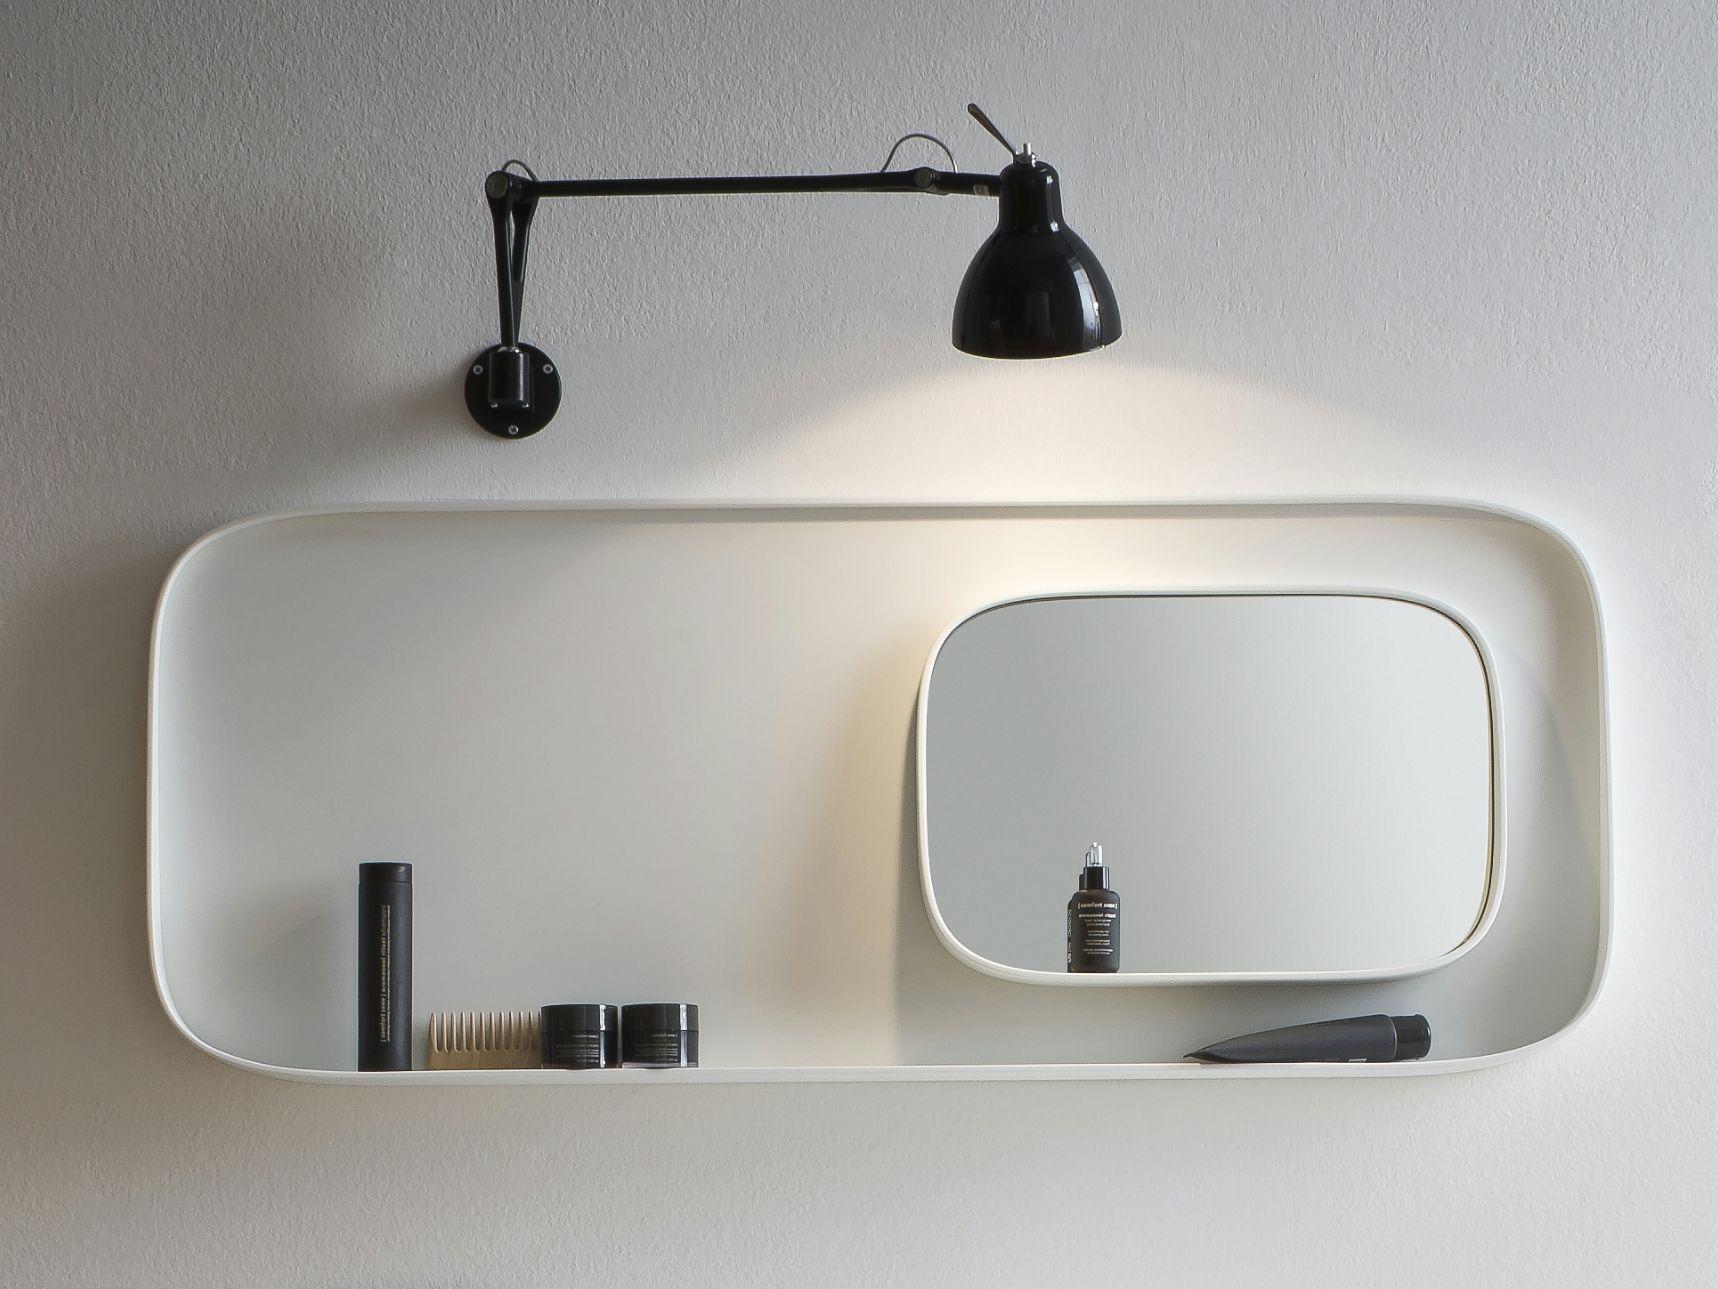 fonte | badspiegel by rexa design design monica graffeo - Lampen Für Badezimmer